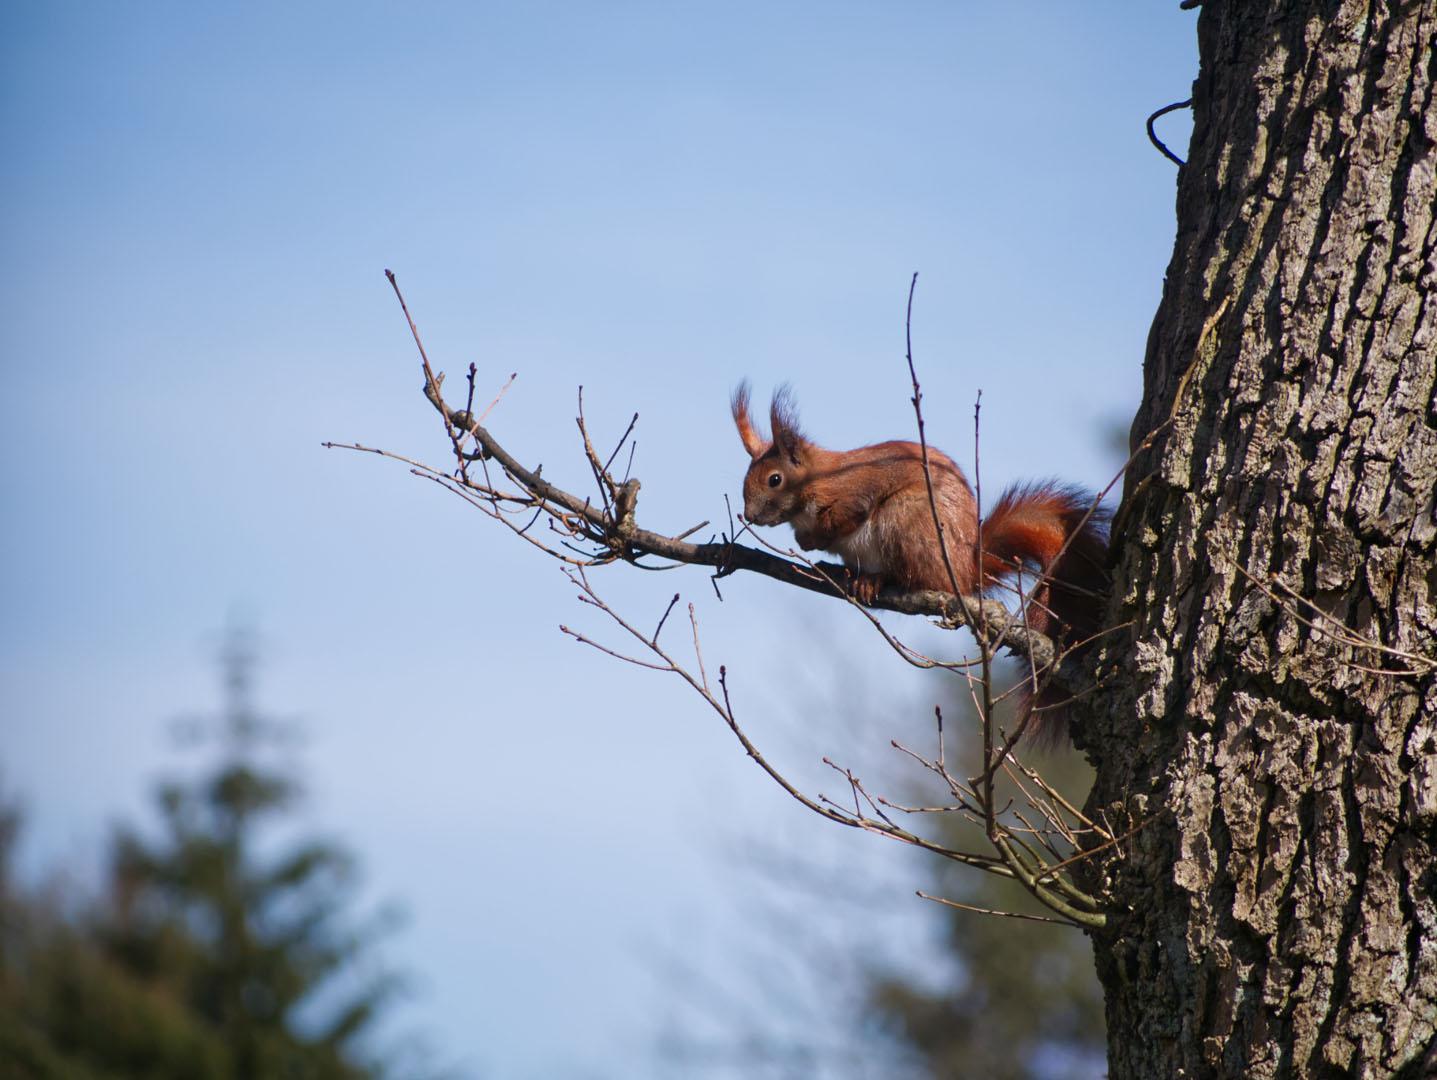 Michael Heim - Eichhörnchen auf Ast